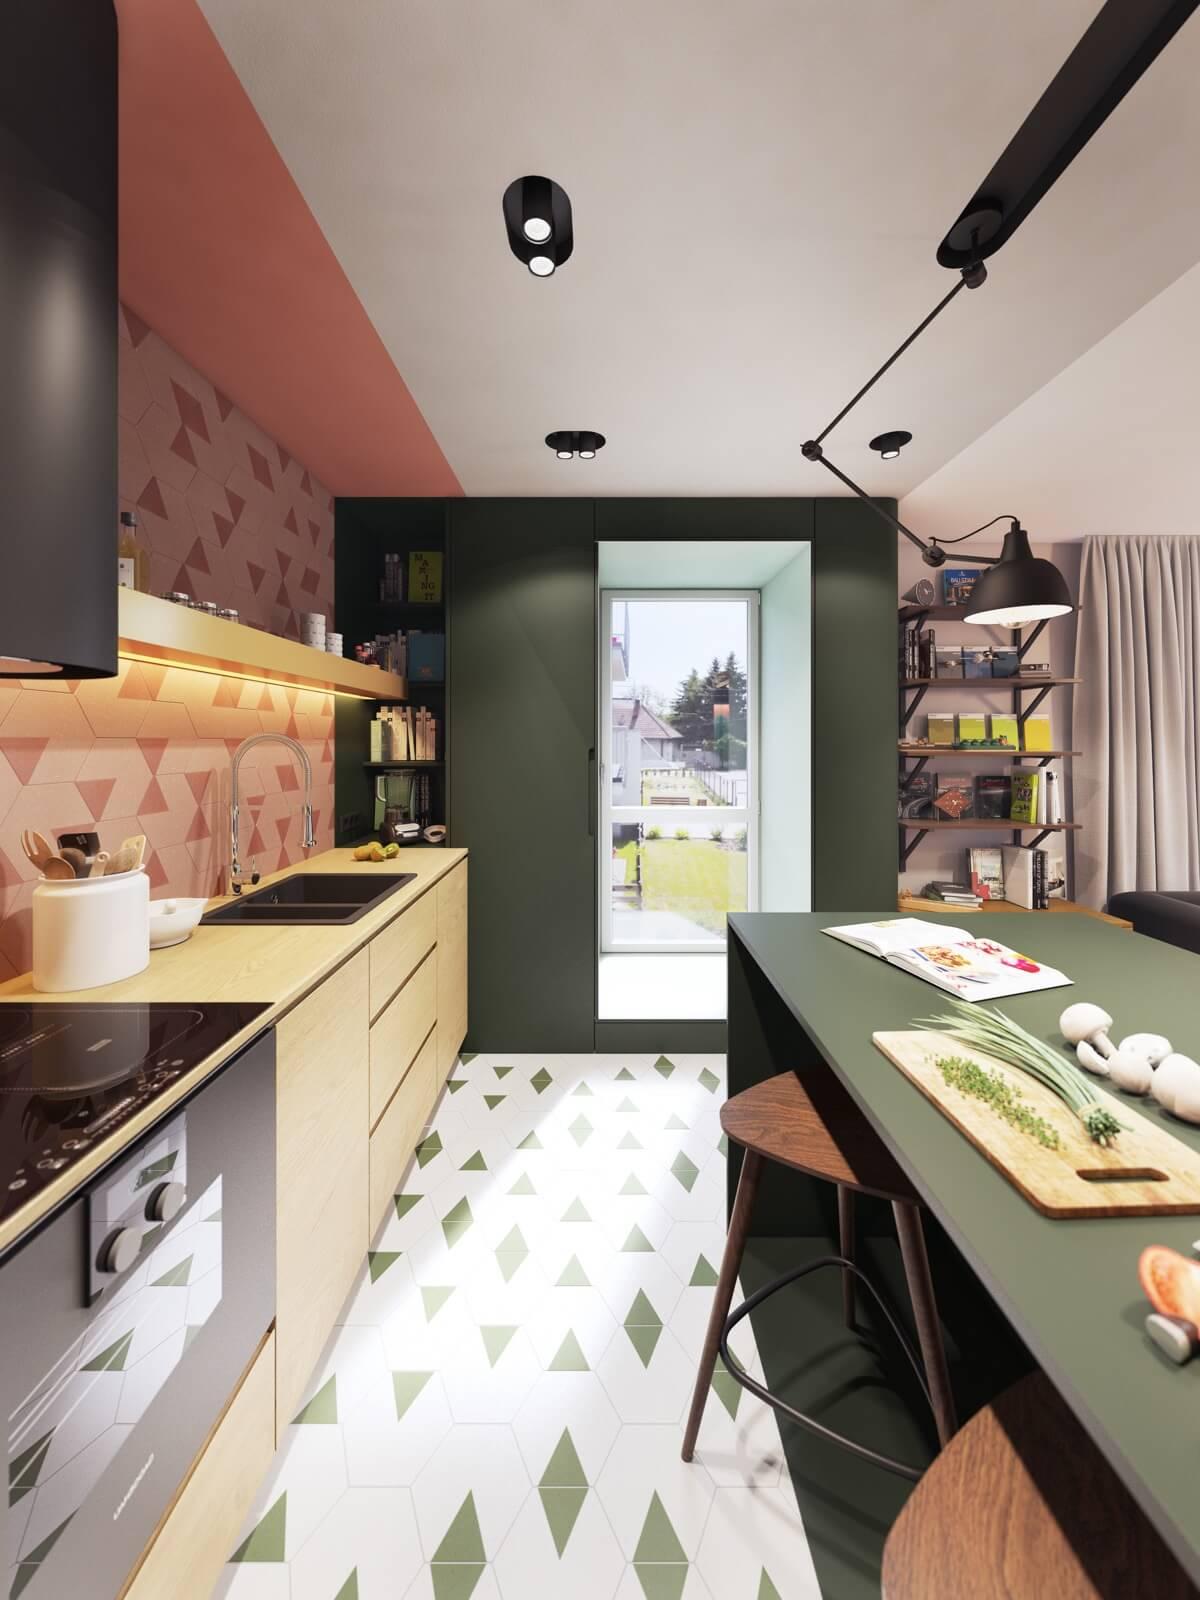 mẫu thiết kế nội thất chung cư hiện đại 4